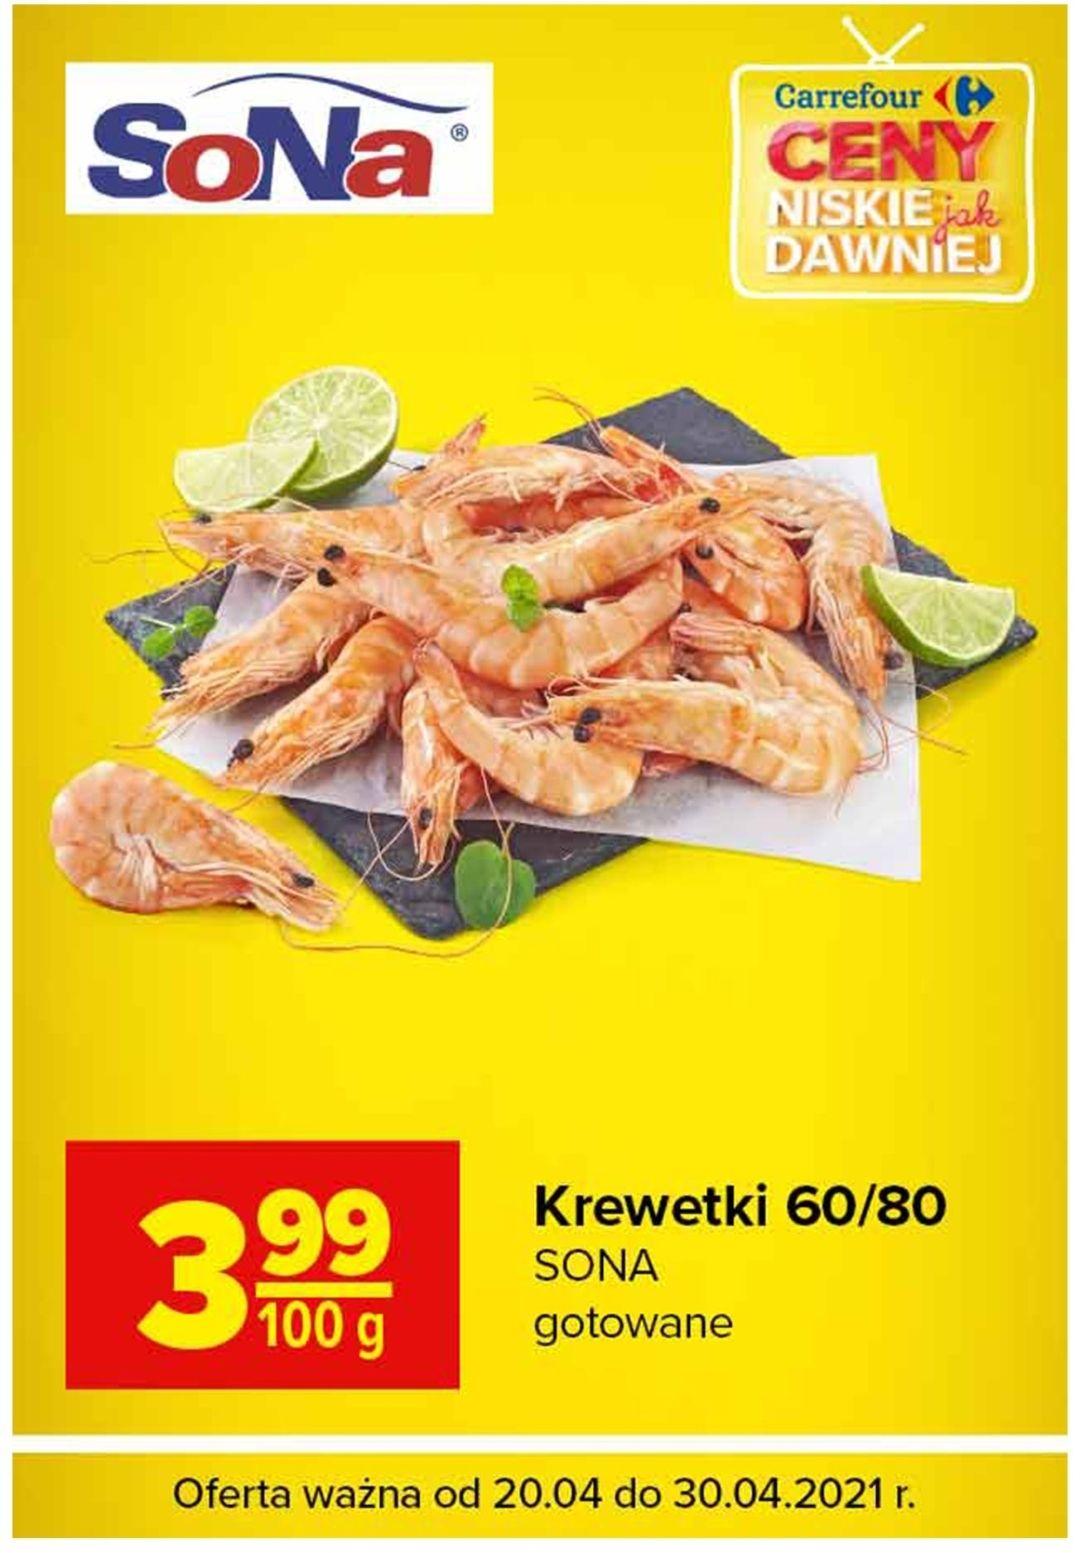 Krewetki gotowane 60/80 Carrefour 3.99/100 gramów